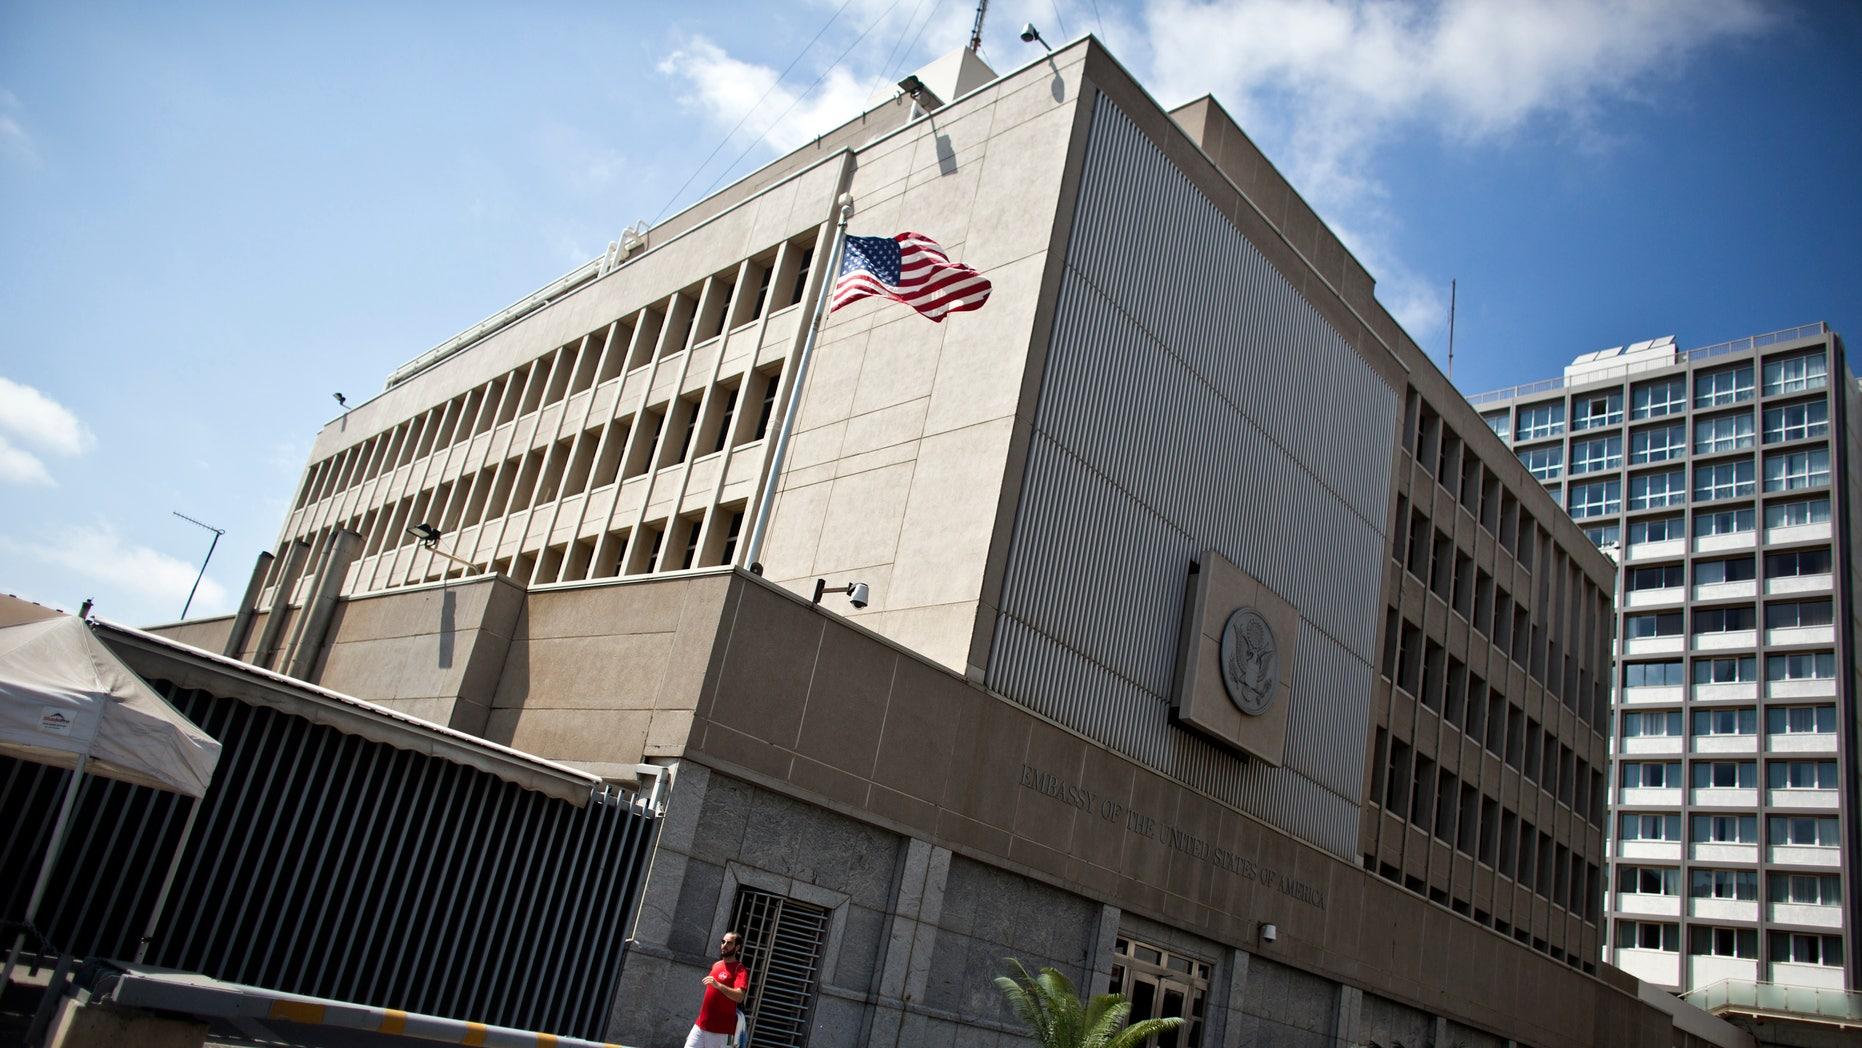 The U.S. Embassy in Tel Aviv.